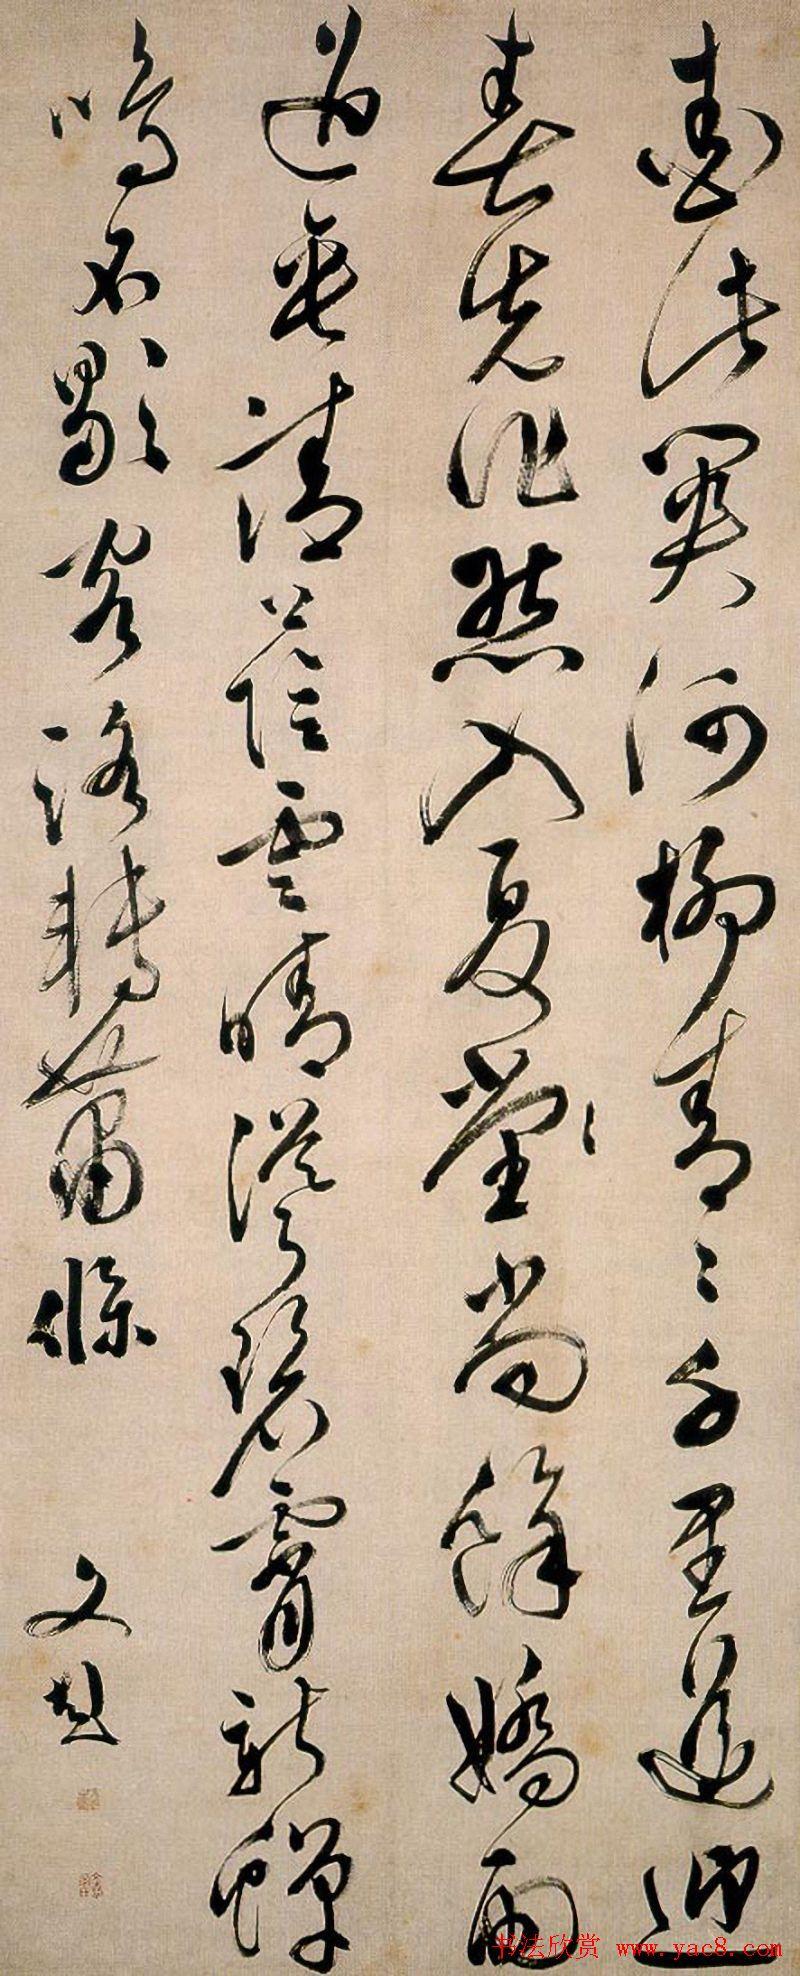 明代著名书法篆刻家文彭作品欣赏